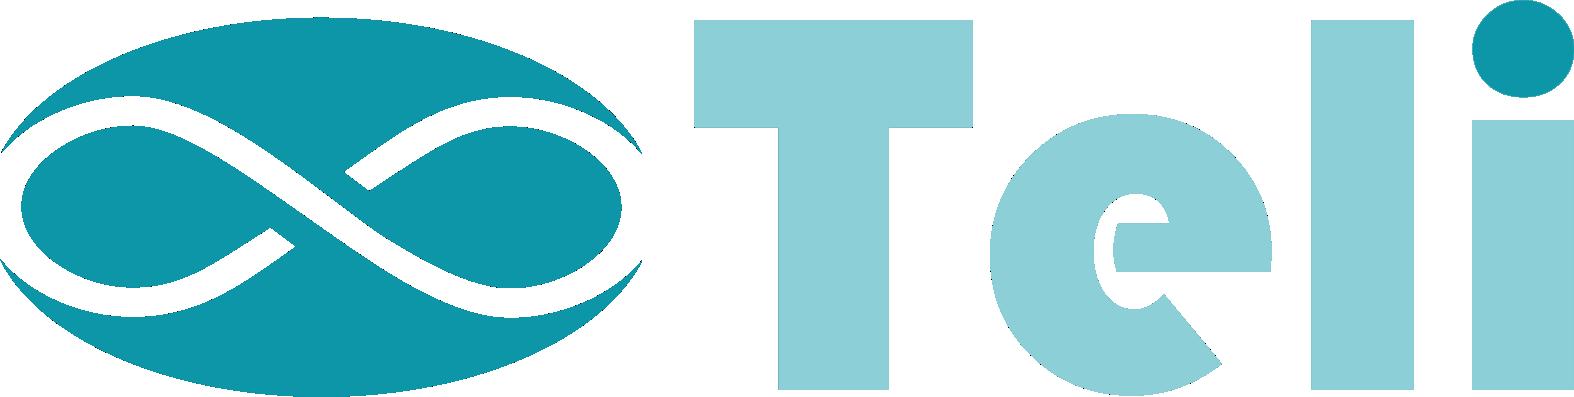 Разработка логотипа и фирменного стиля фото f_96258fbaccc4fd78.png